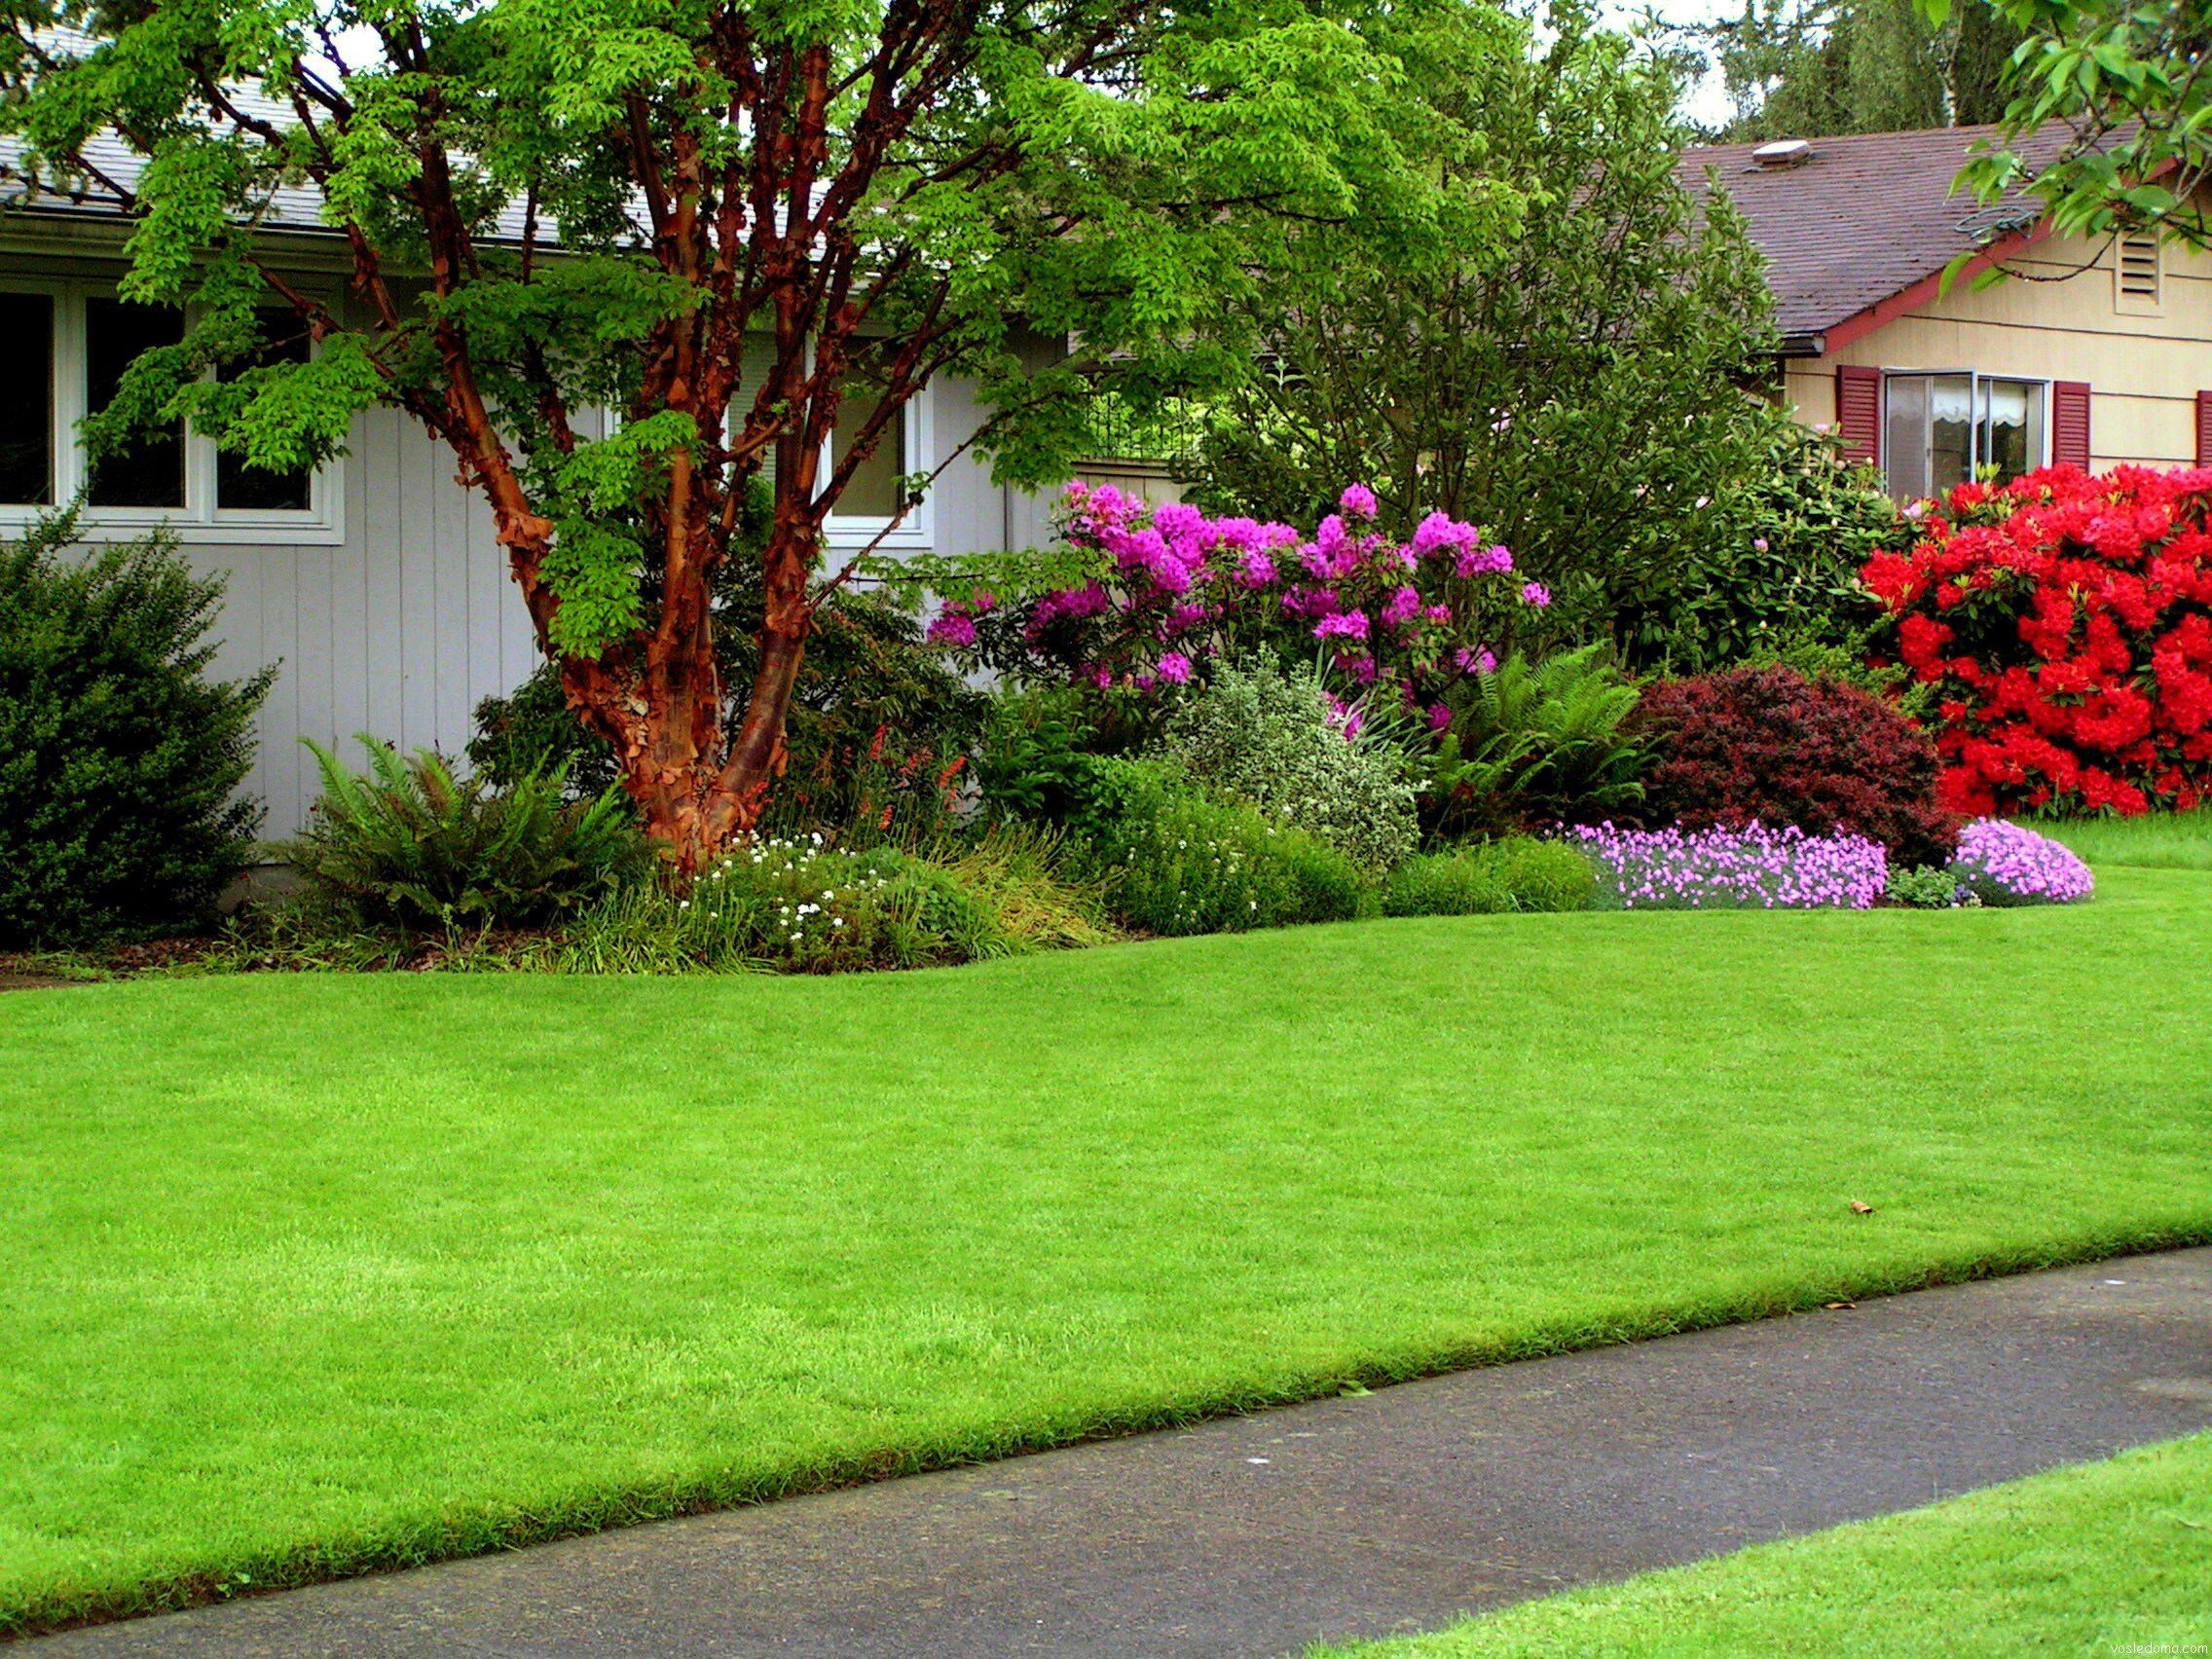 Створюємо травосуміш для газонів власноруч